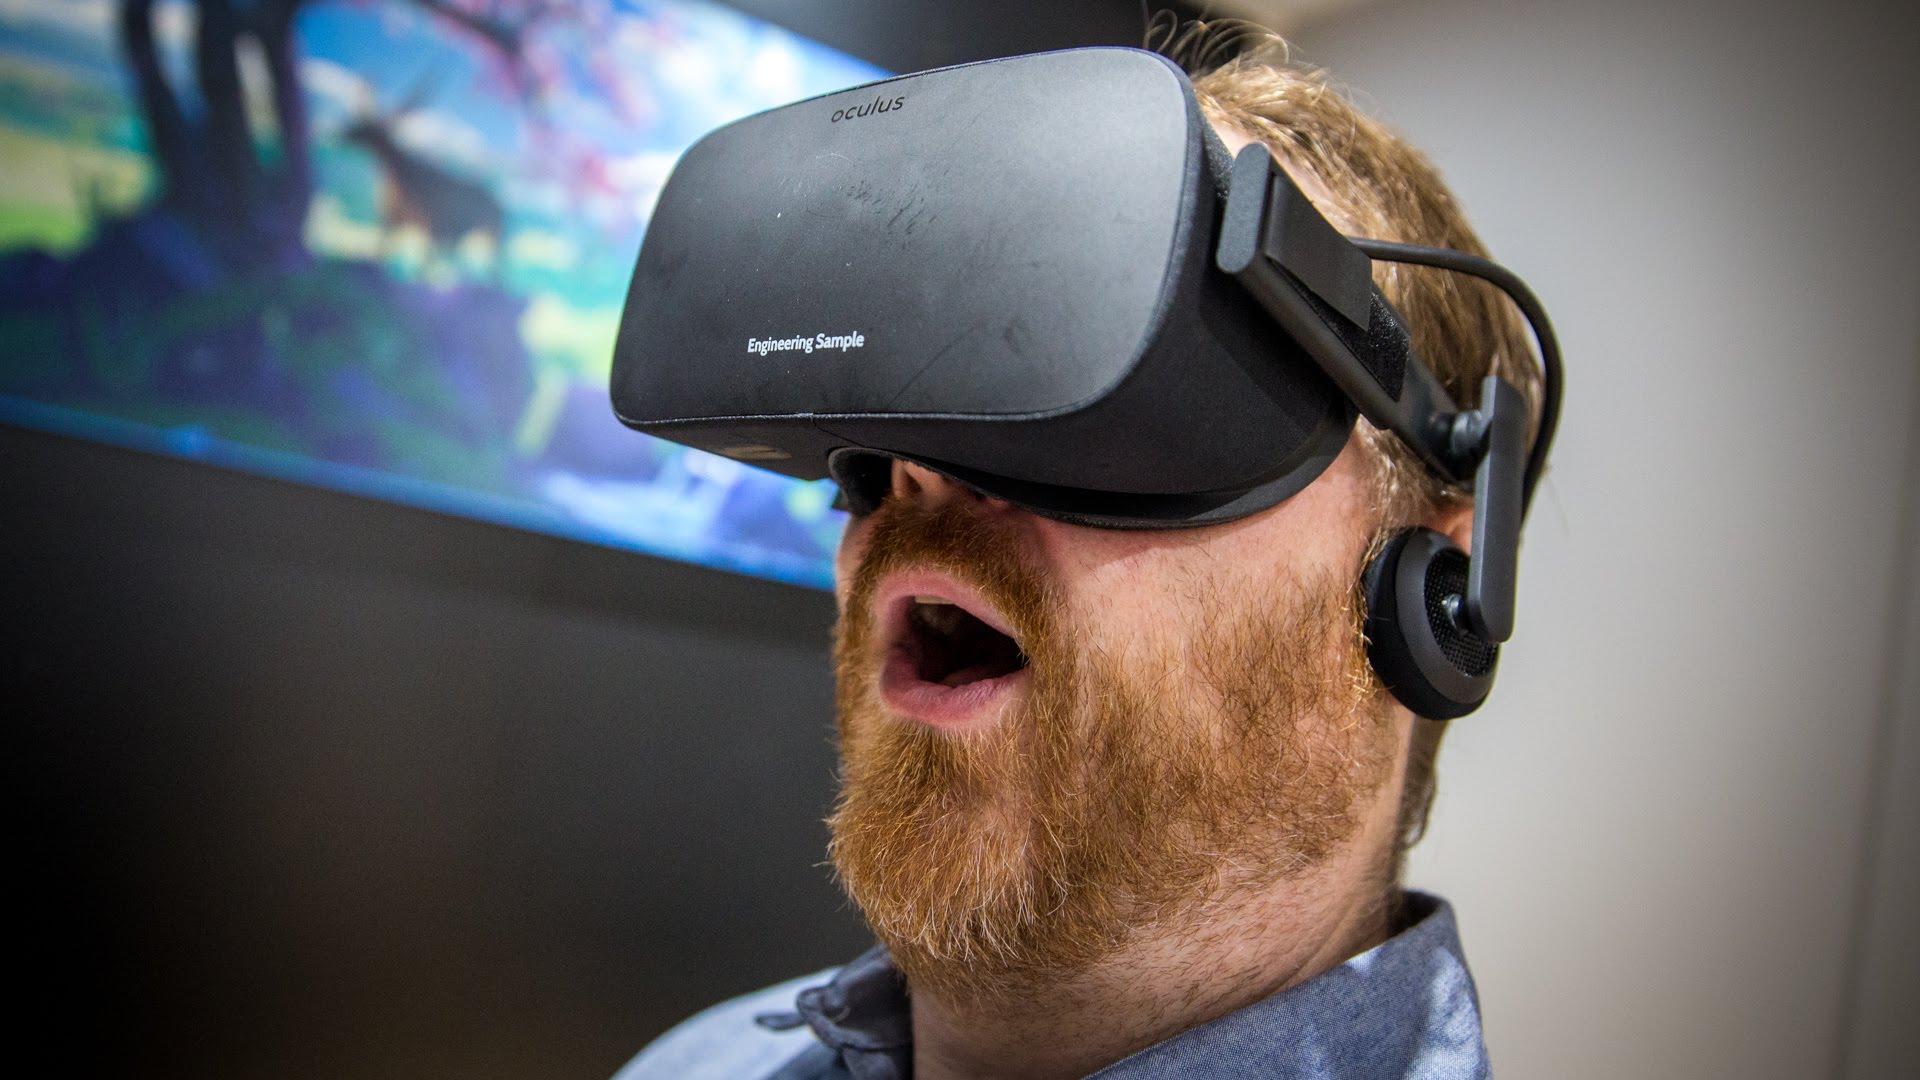 Imagem de Finalmente? Oculus Rift custa R$ 2,4 mil e chega ao mercado em março no tecmundo